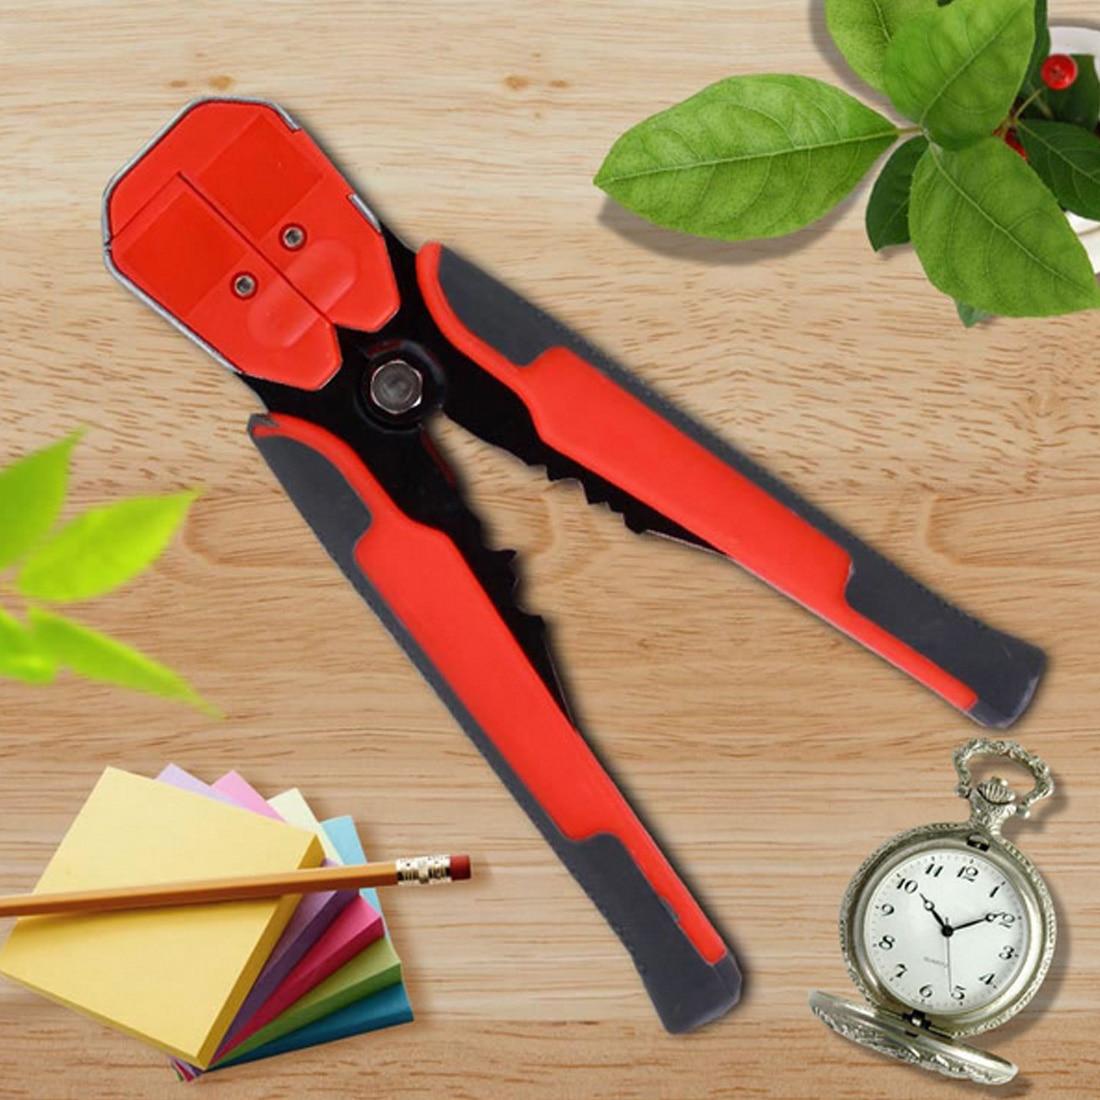 Ehrlichkeit Abisolierzange 0,2-6,0mm Gerade Schneiden Crimpwerkzeuge 1 Stücke Hs-d1 Multifunktionale Kabel Abisolieren Werkzeuge